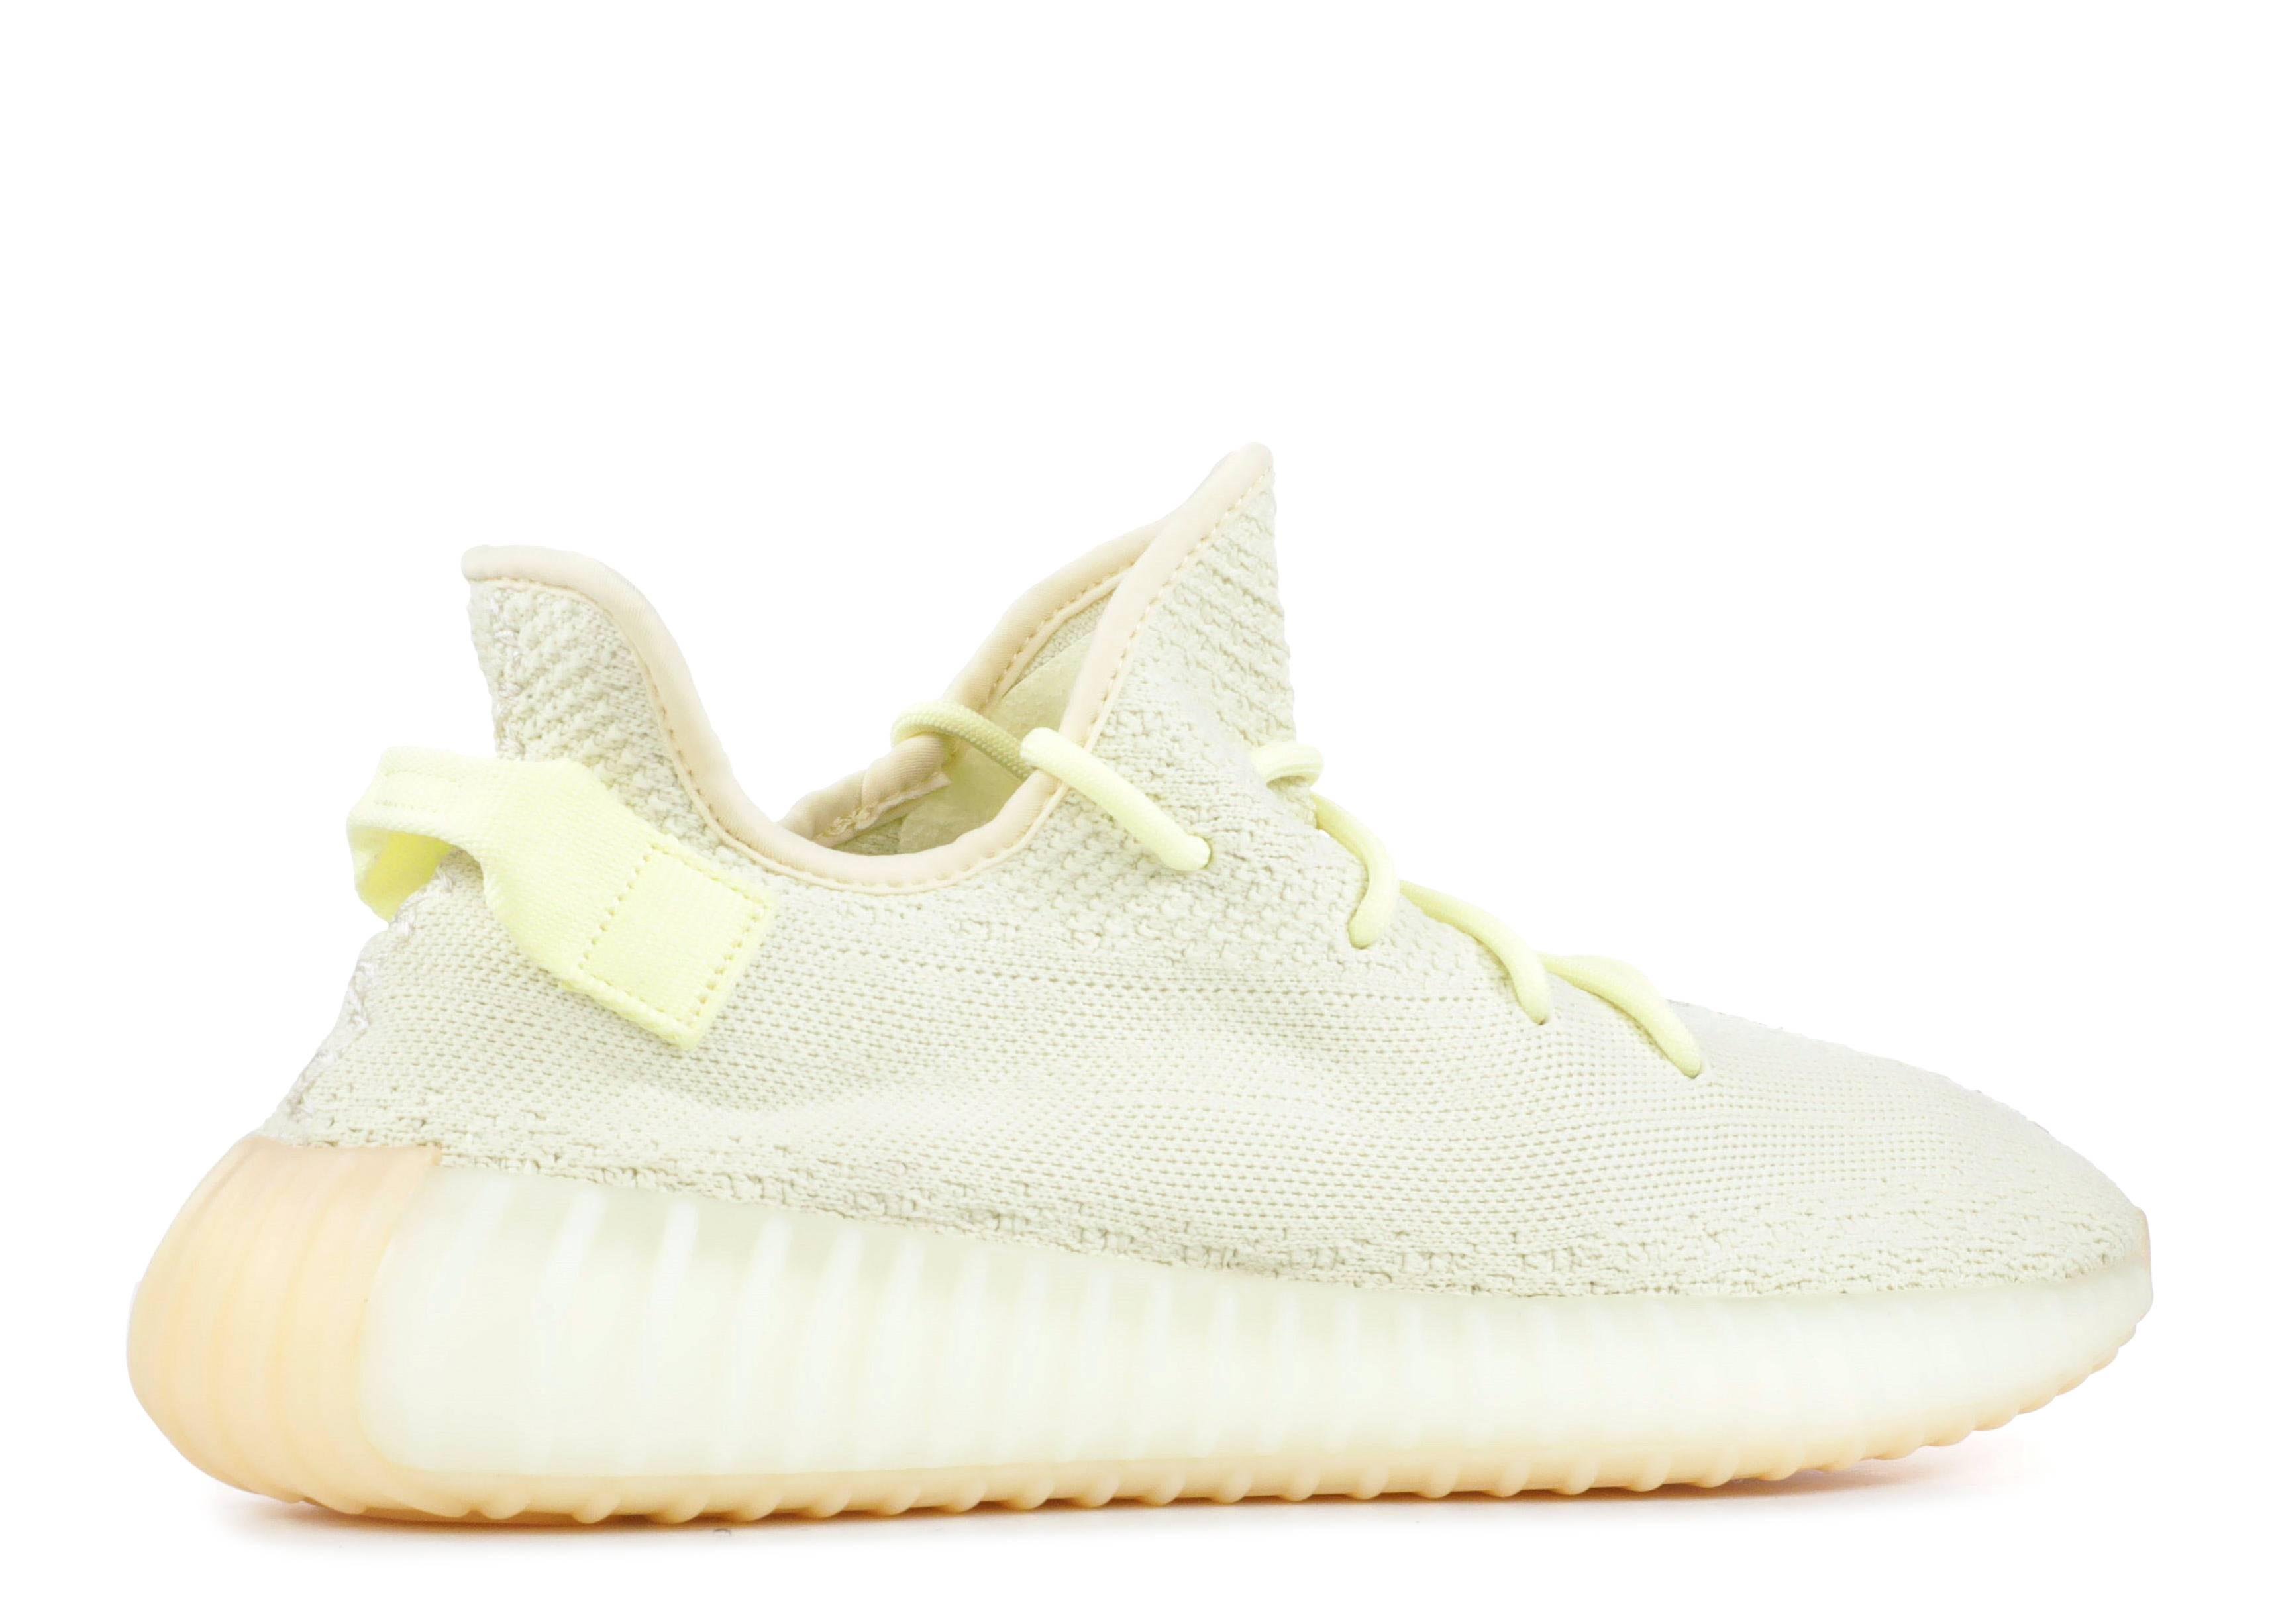 11c94e039 Adidas Yeezy Boost 350 V2